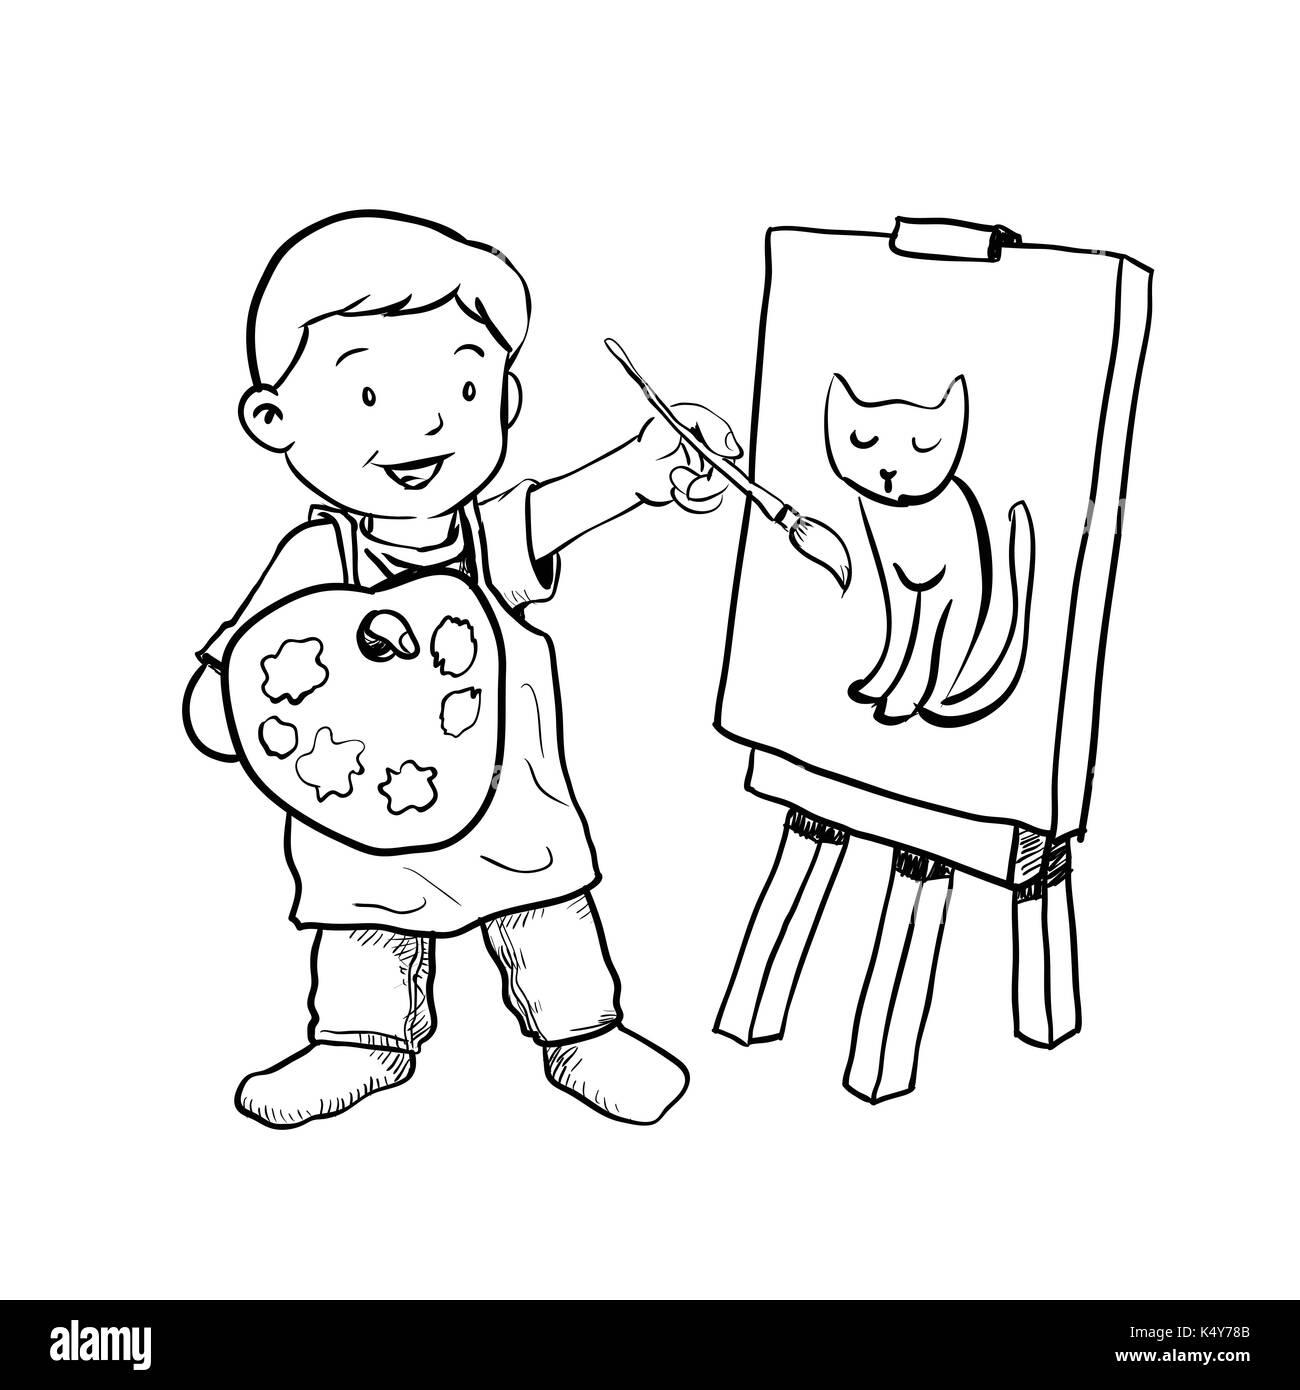 hand zeichnung von cartoon junge maler auf wei em. Black Bedroom Furniture Sets. Home Design Ideas